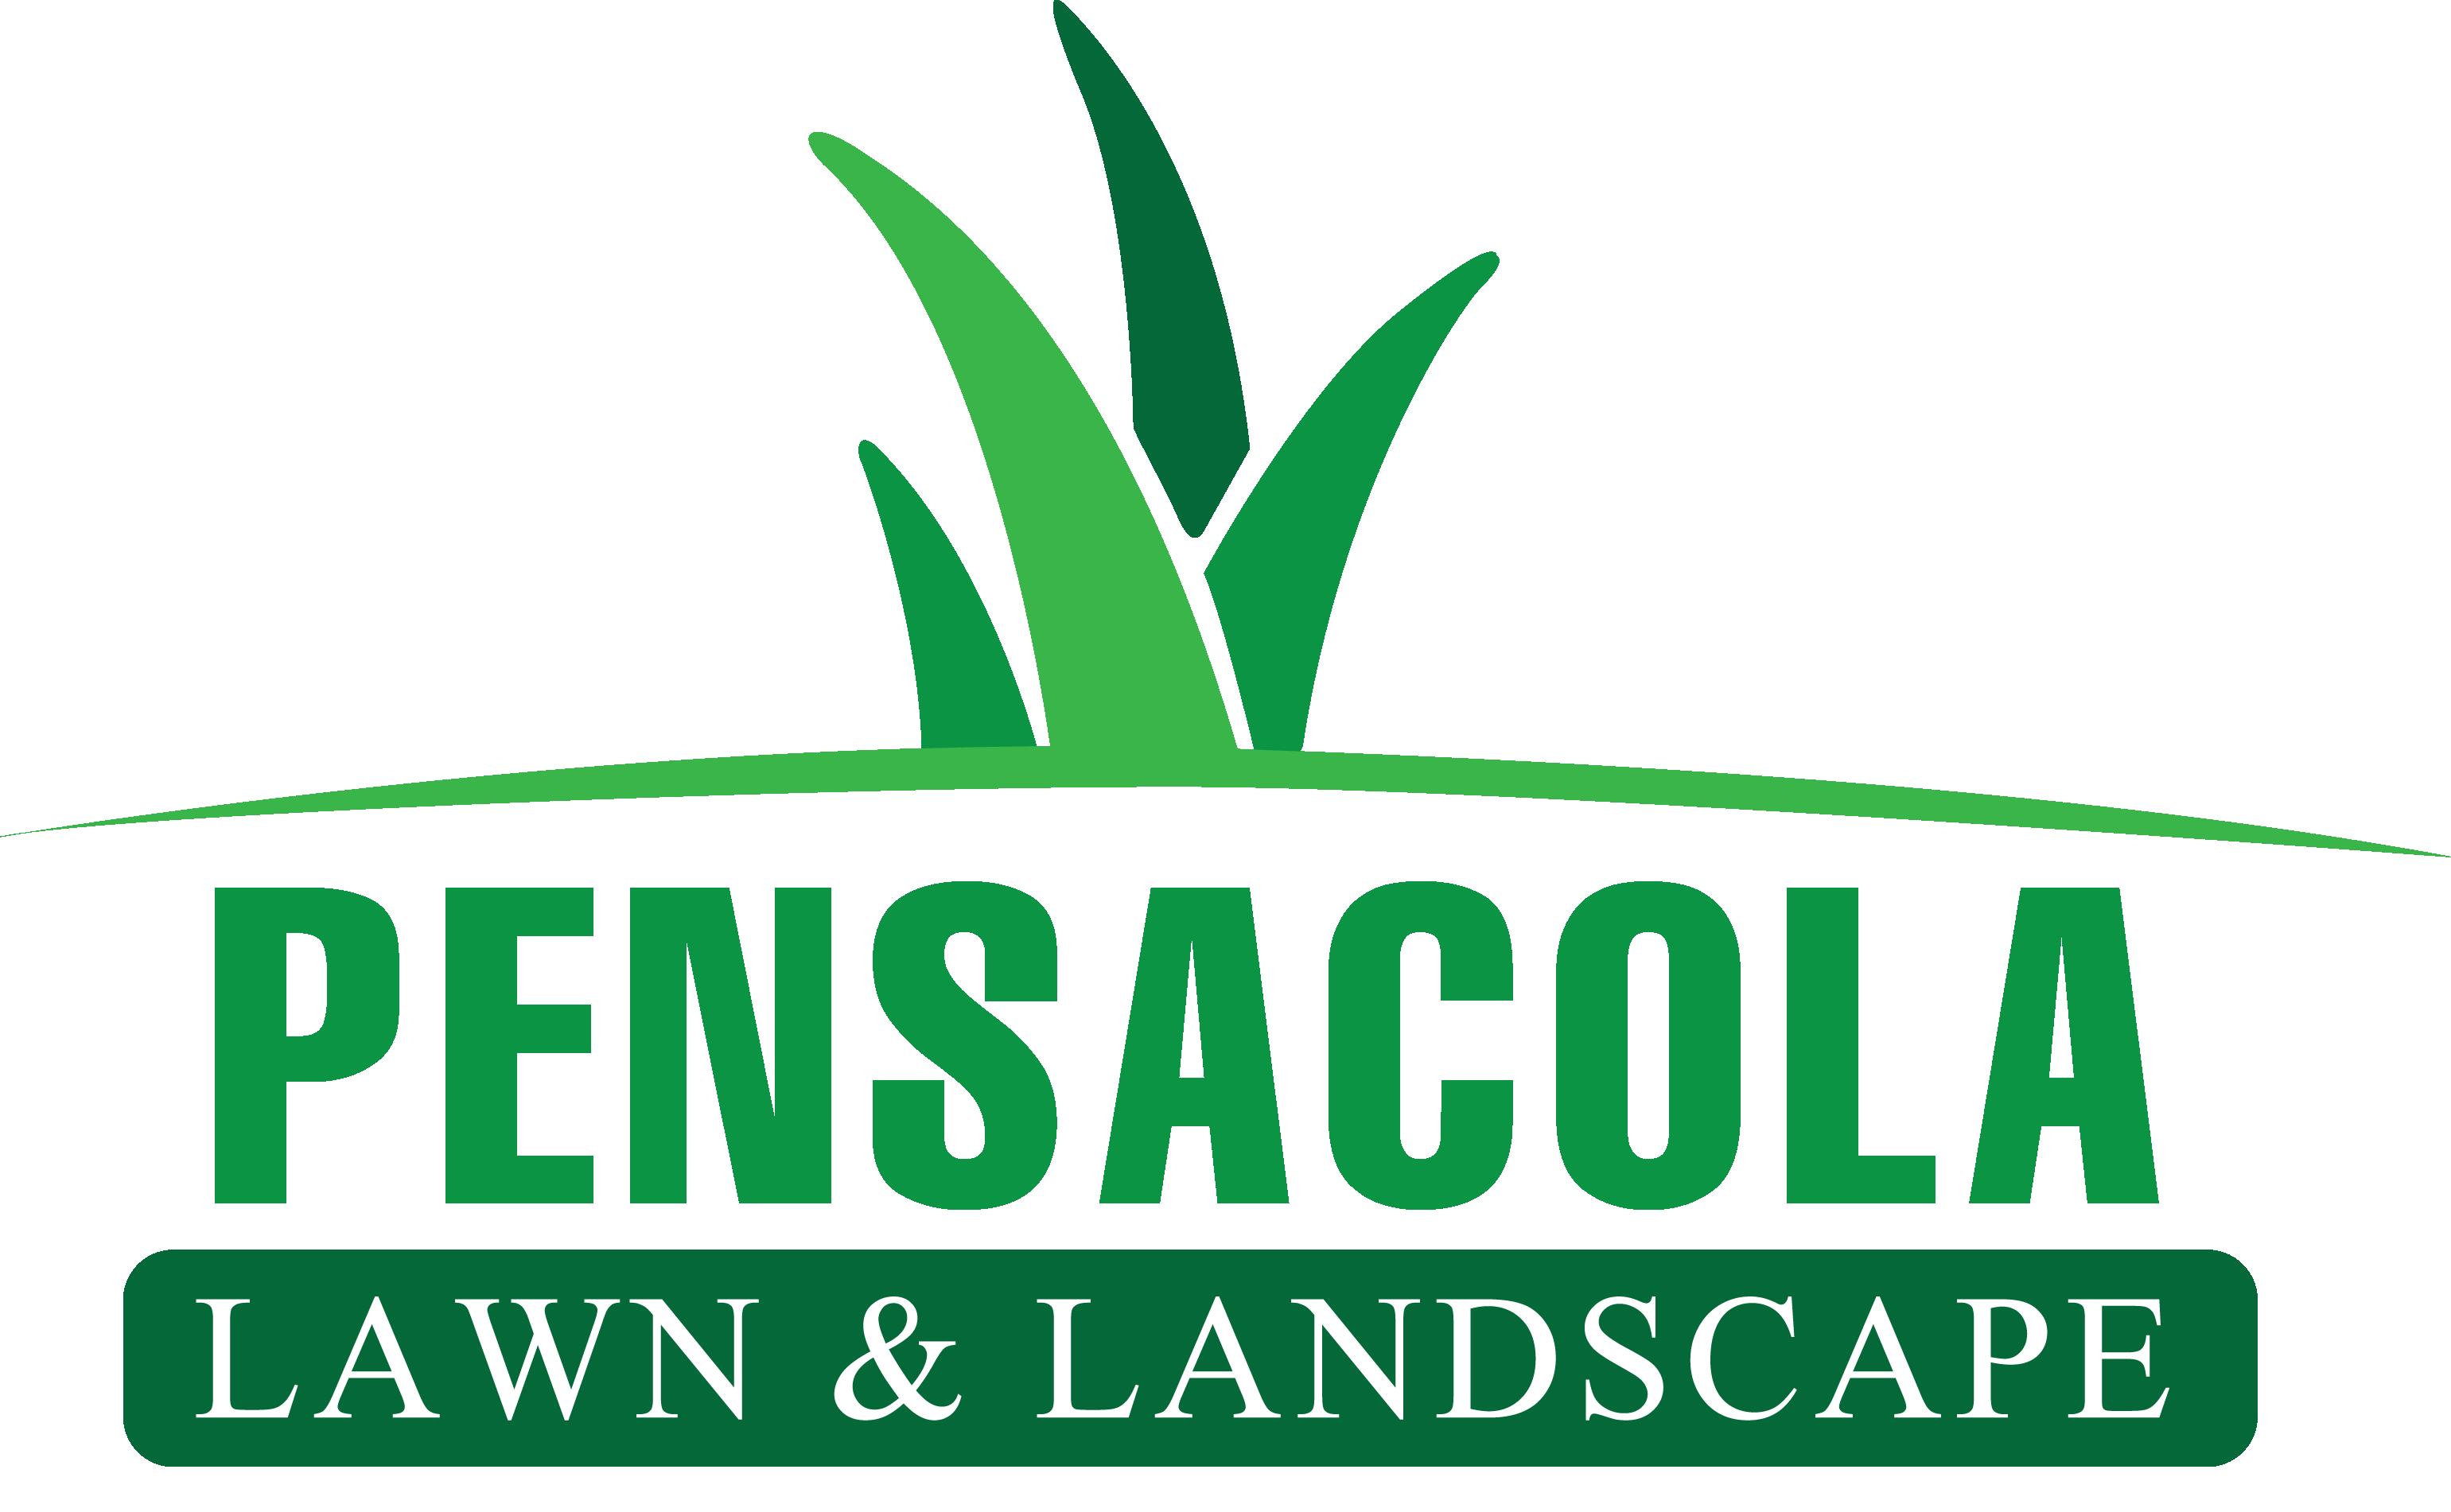 Pensacola Lawn